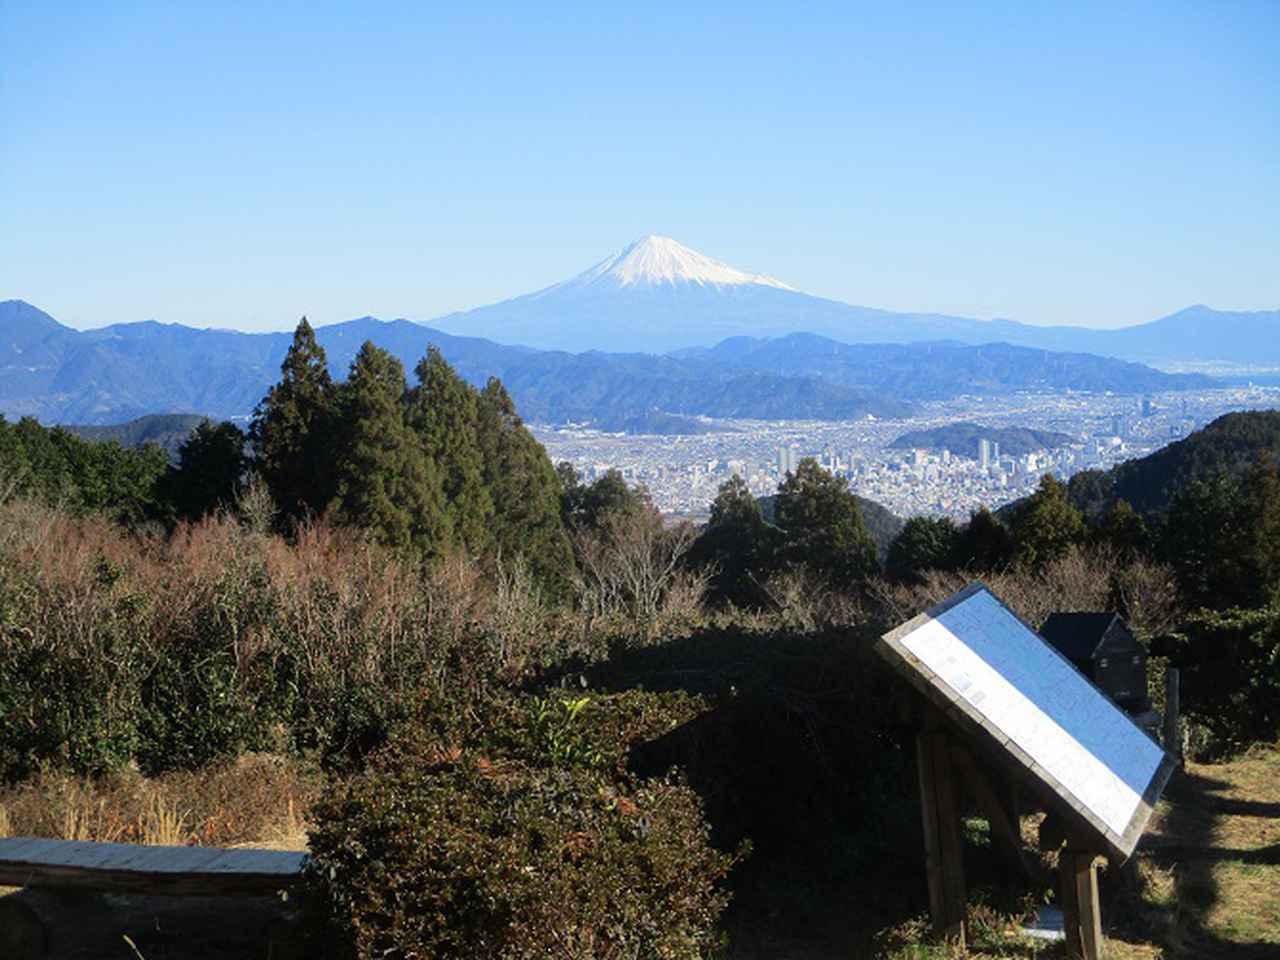 画像9: 1月の山旅会 「満観峰」 と 「満観峰から丸子富士」 ツアーの下見に行ってきました!